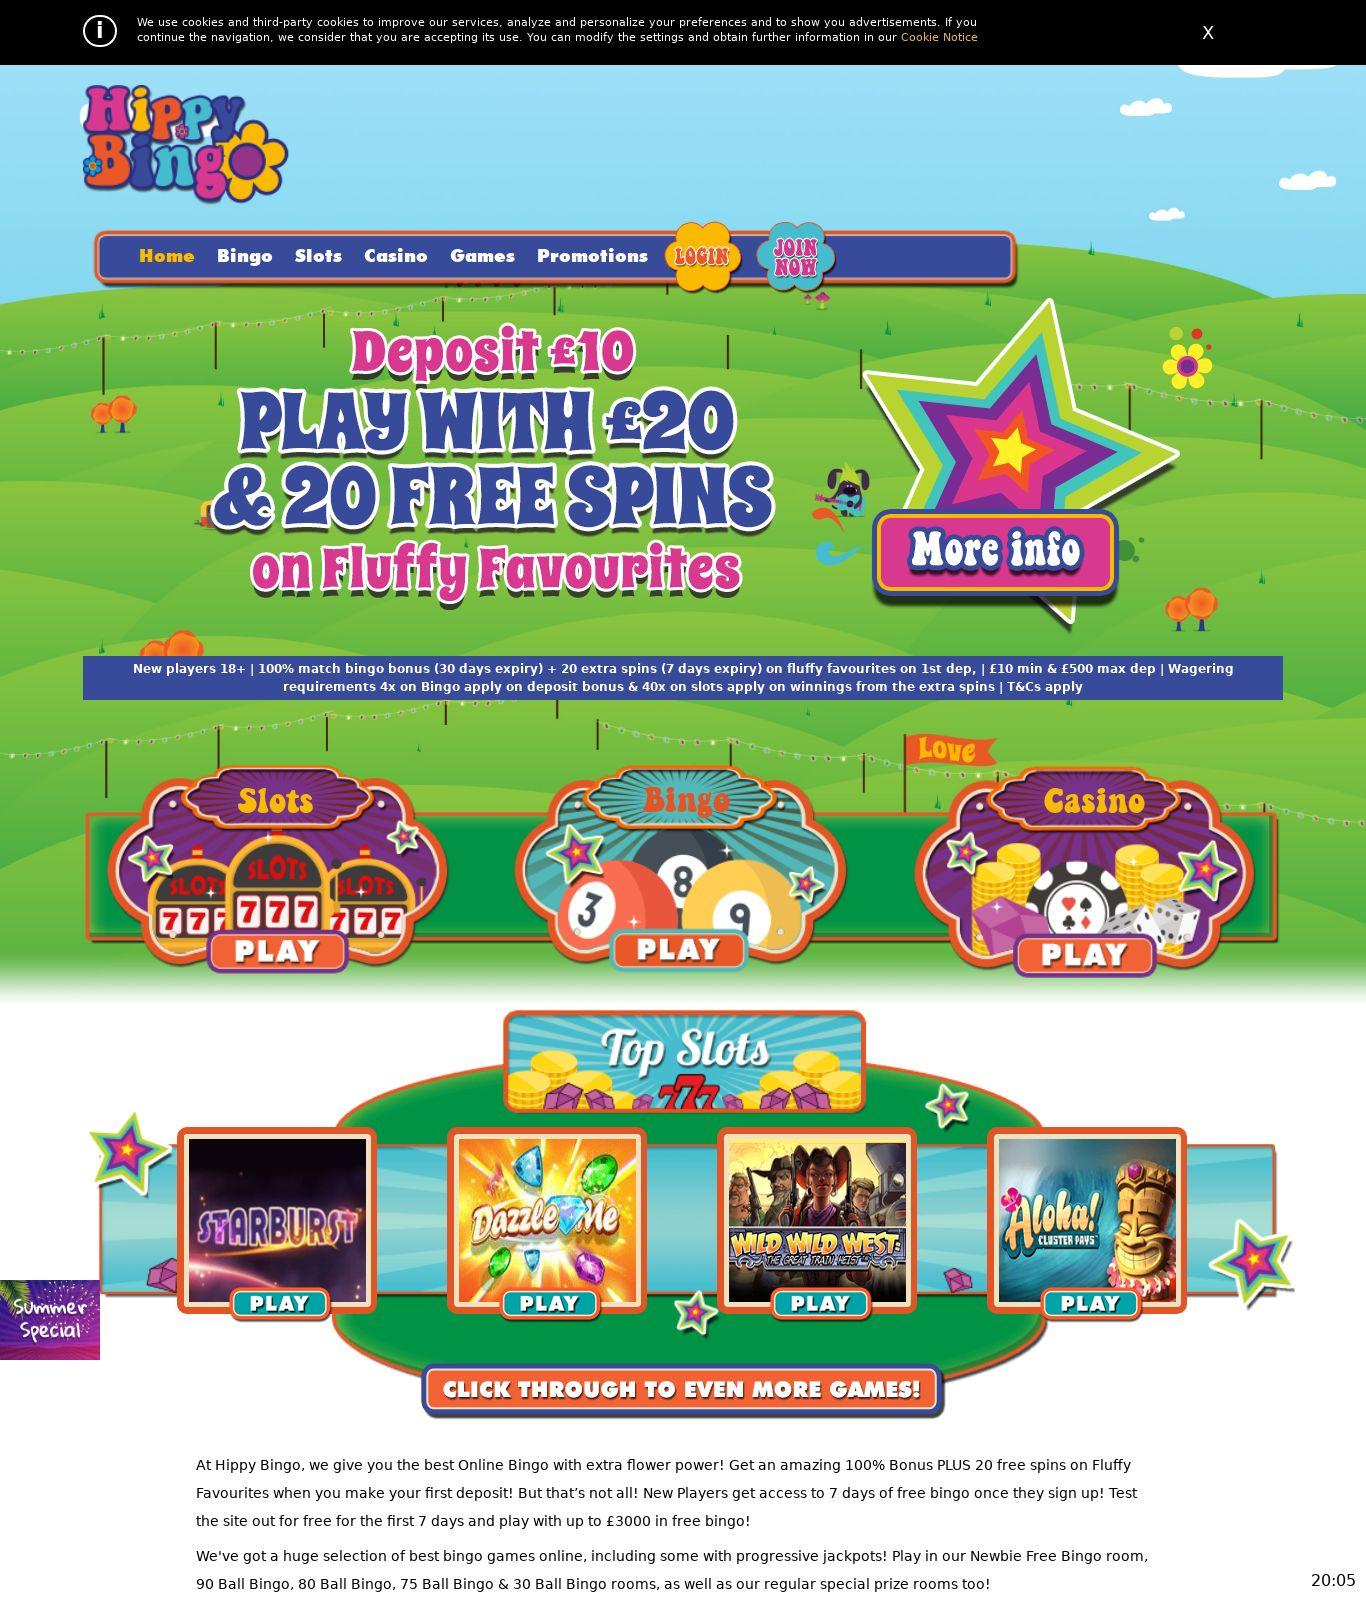 Hippy Bingo Casino Review Scam Report Hippybingo Com Jun 4 2020